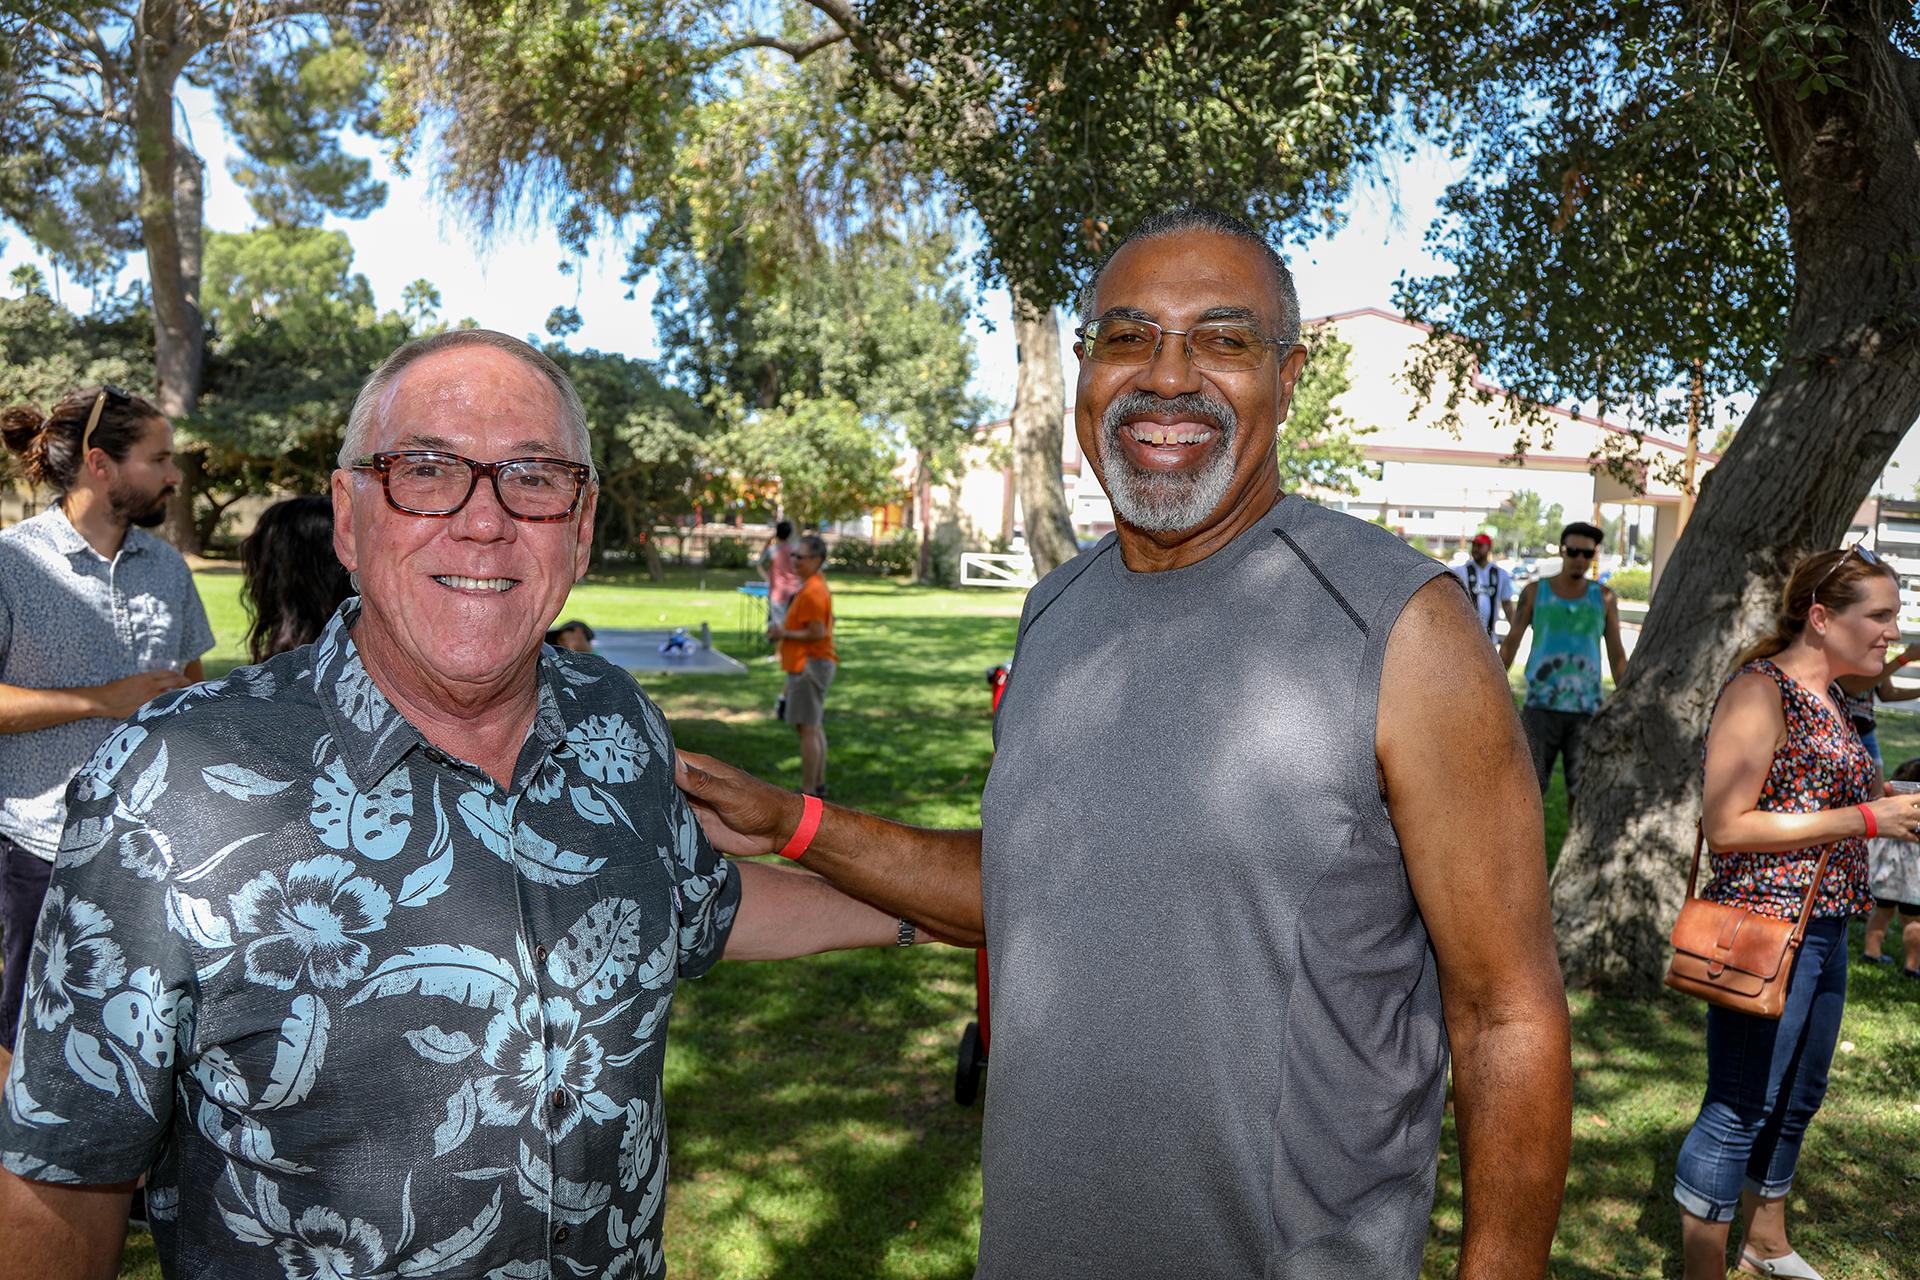 Marc Saraceno and Marvin Davis